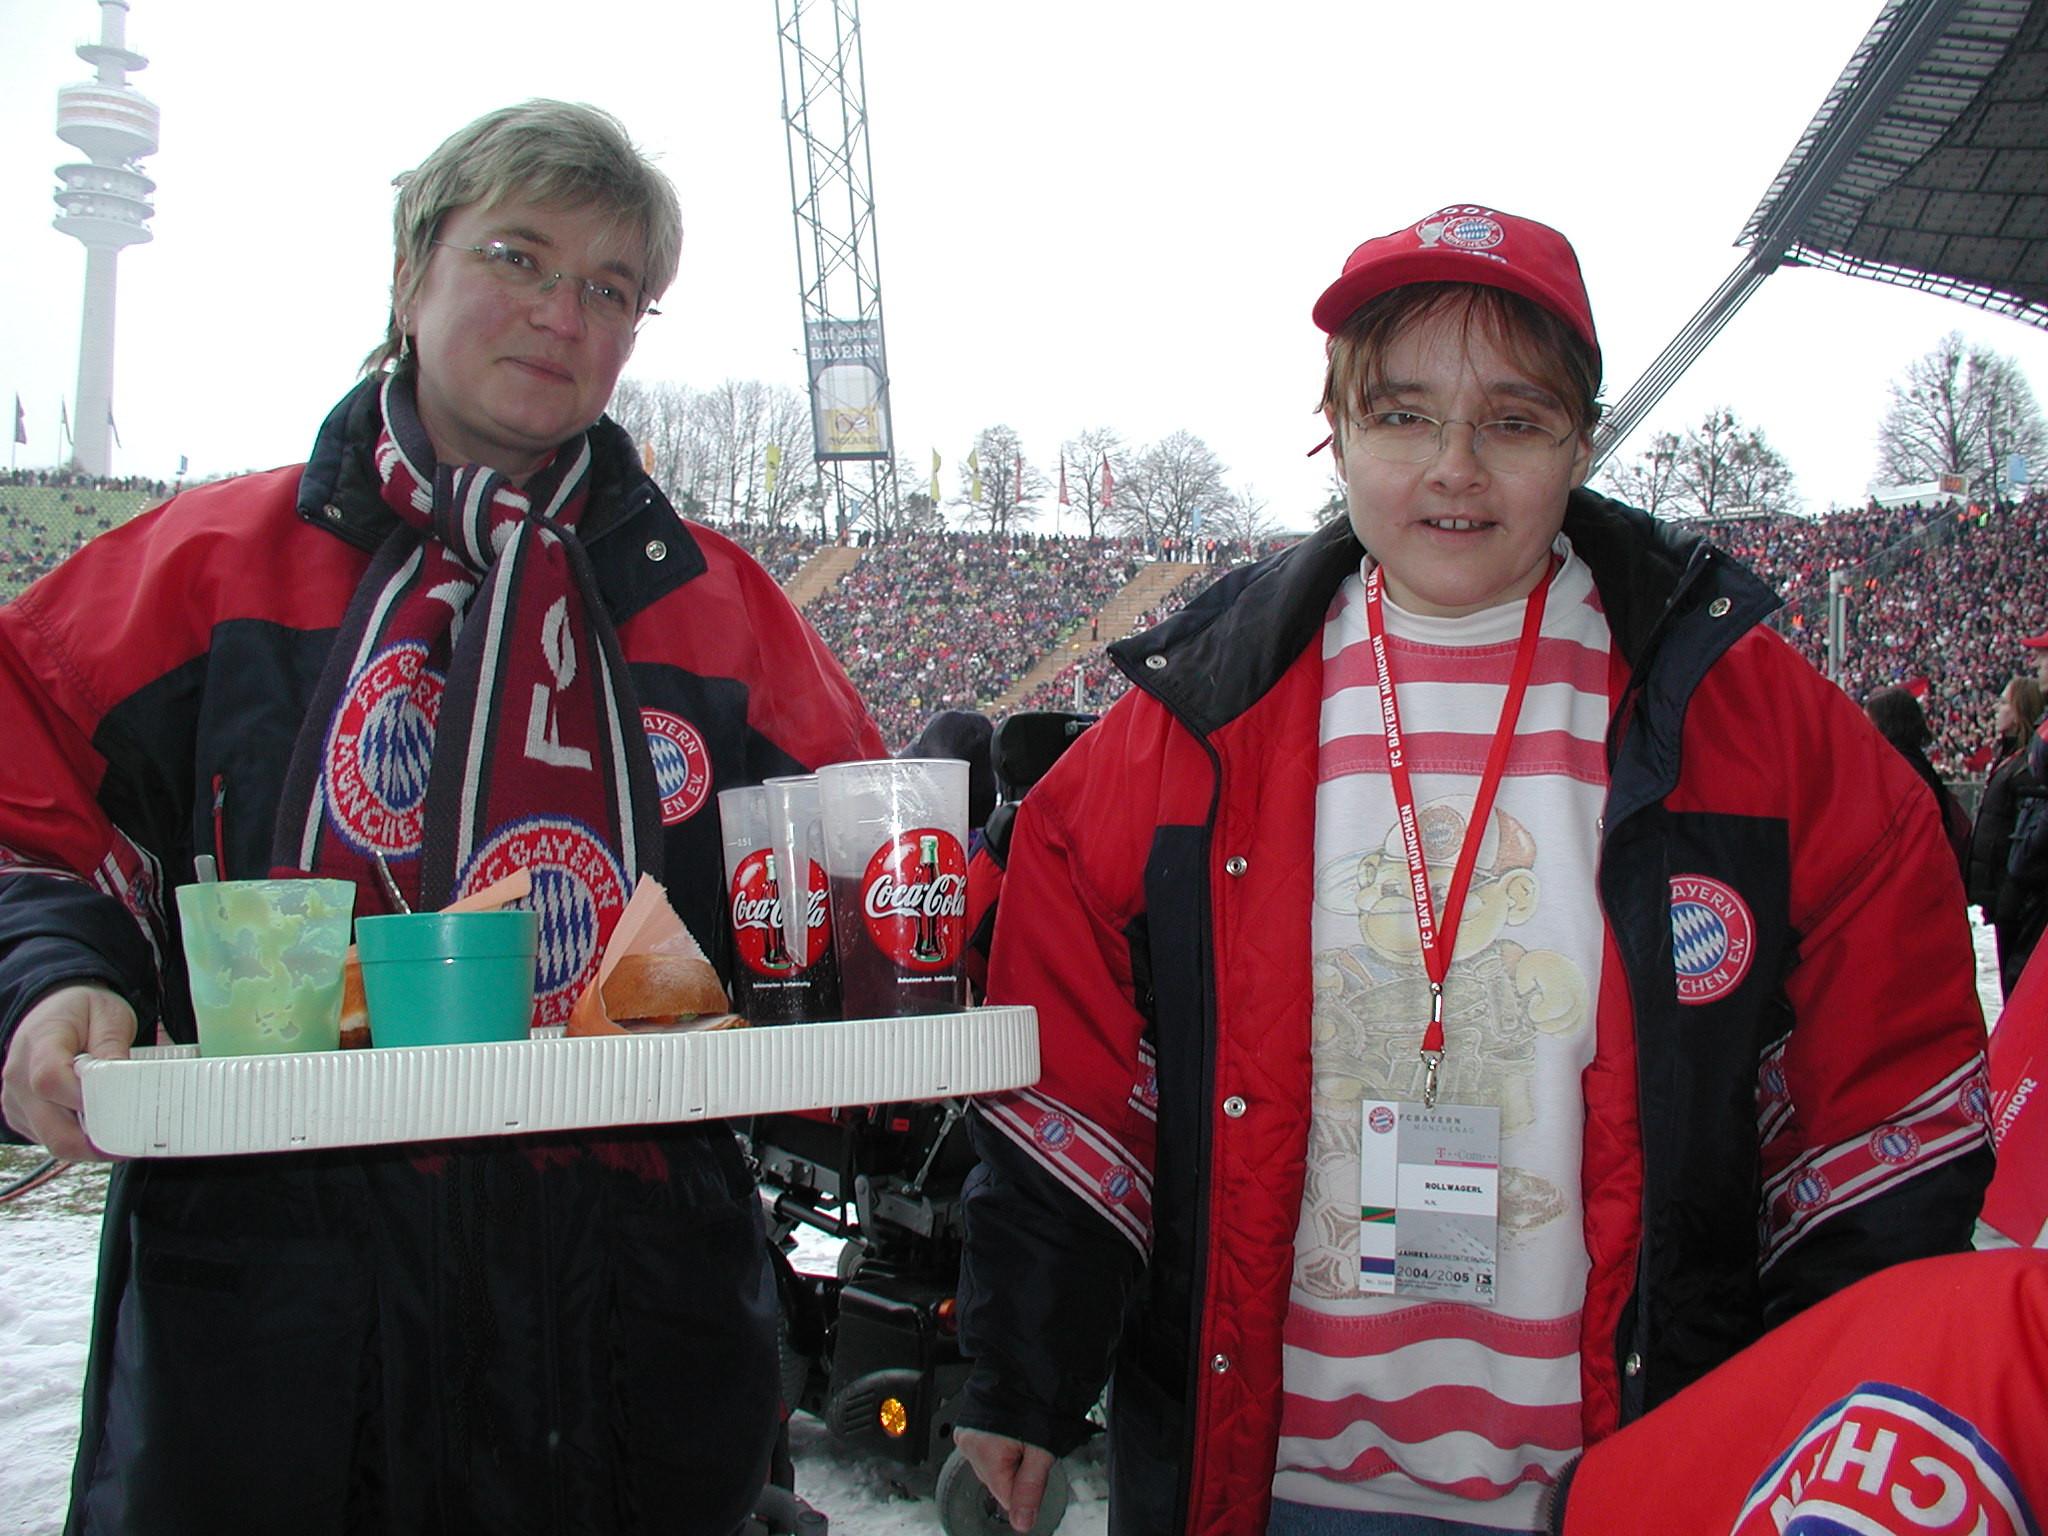 Anita Mägele und Lisbeth Hochholzer mit einem Tablett voller Snacks für die Rollstuhlfahrer im Olympiastadion